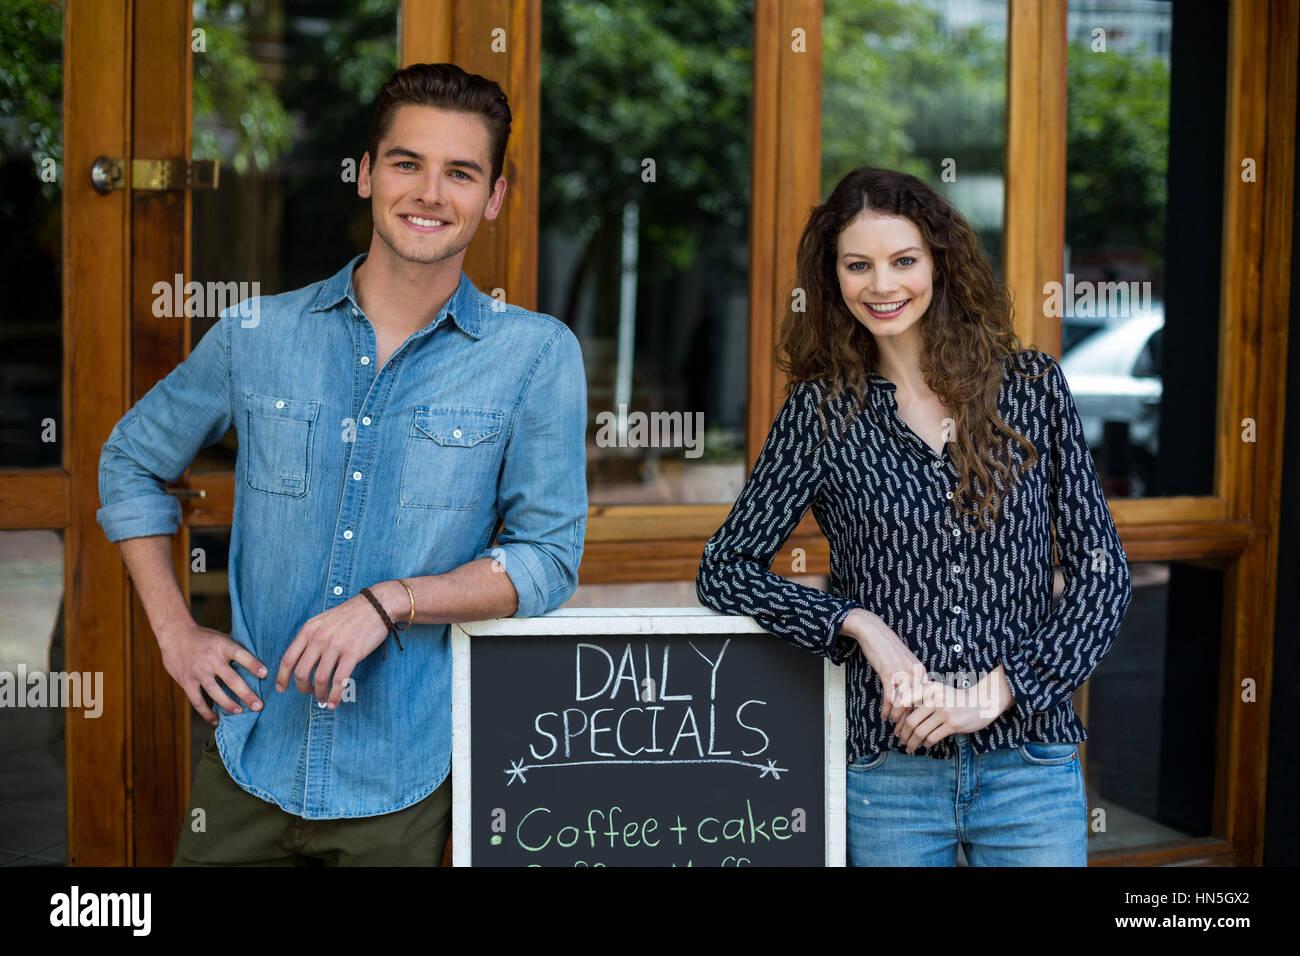 Portrait of smiling man and woman leaning on panneau de menu à l'extérieur de la cafe Banque D'Images